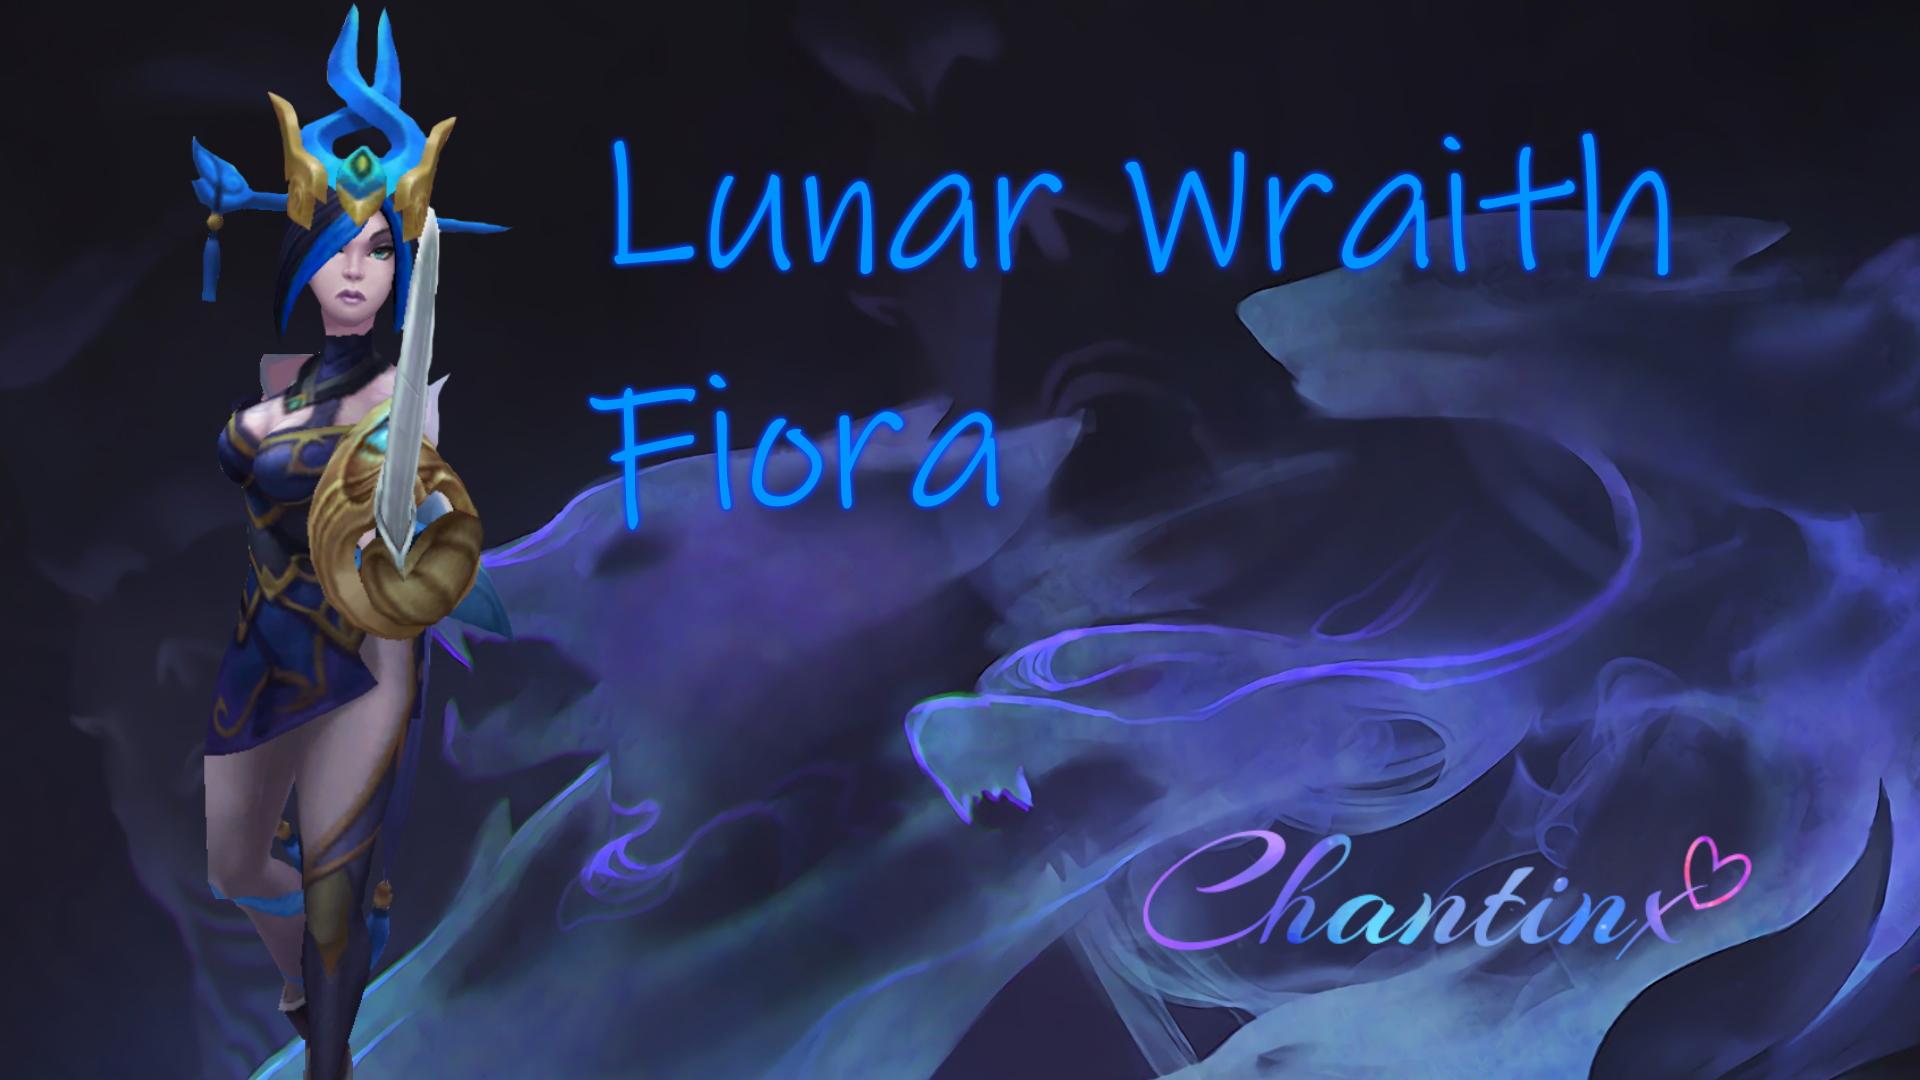 Lunar Wraith Fiora